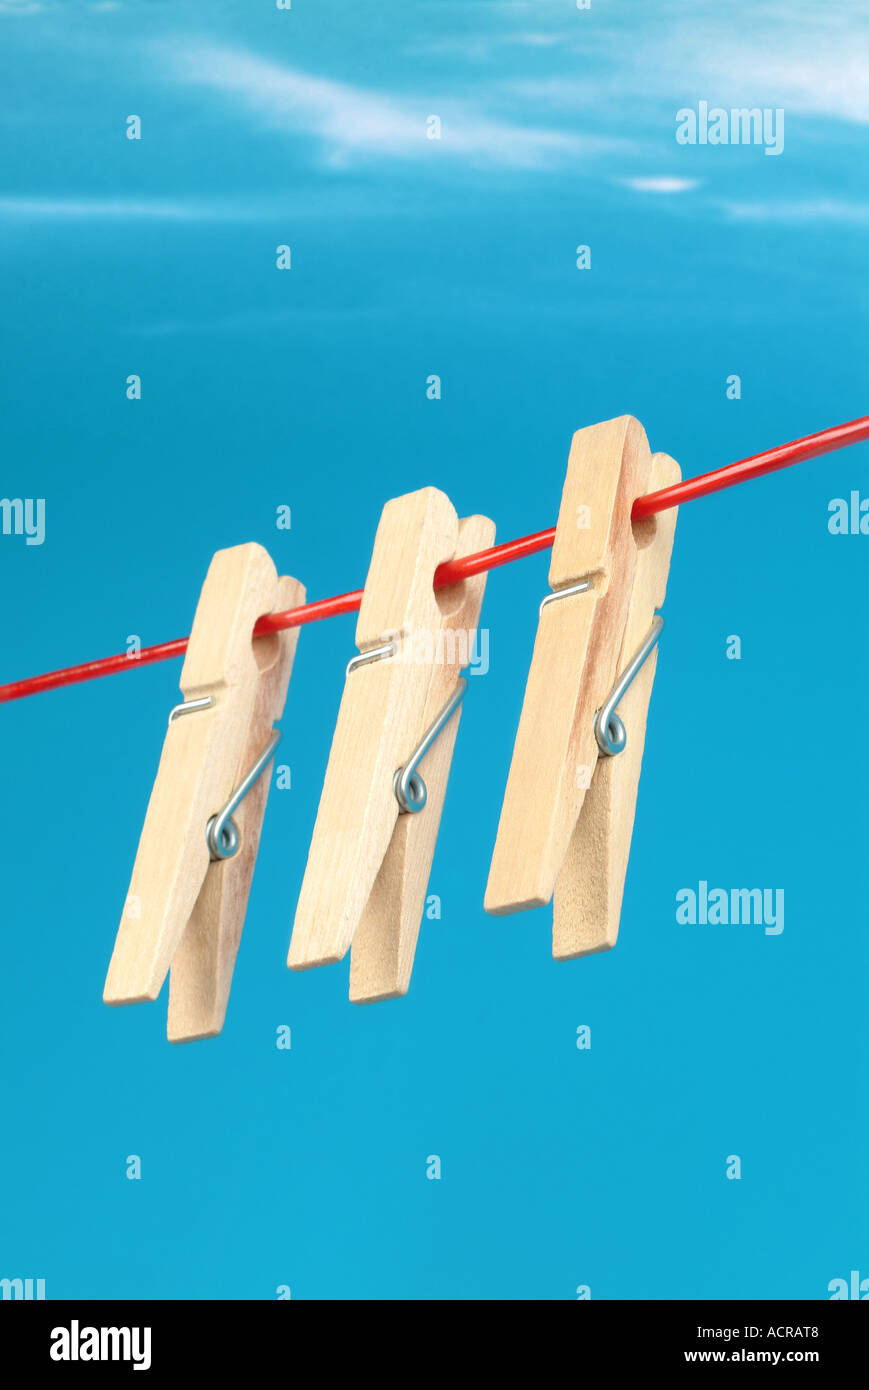 clothesline wäscheleine - Stock Image